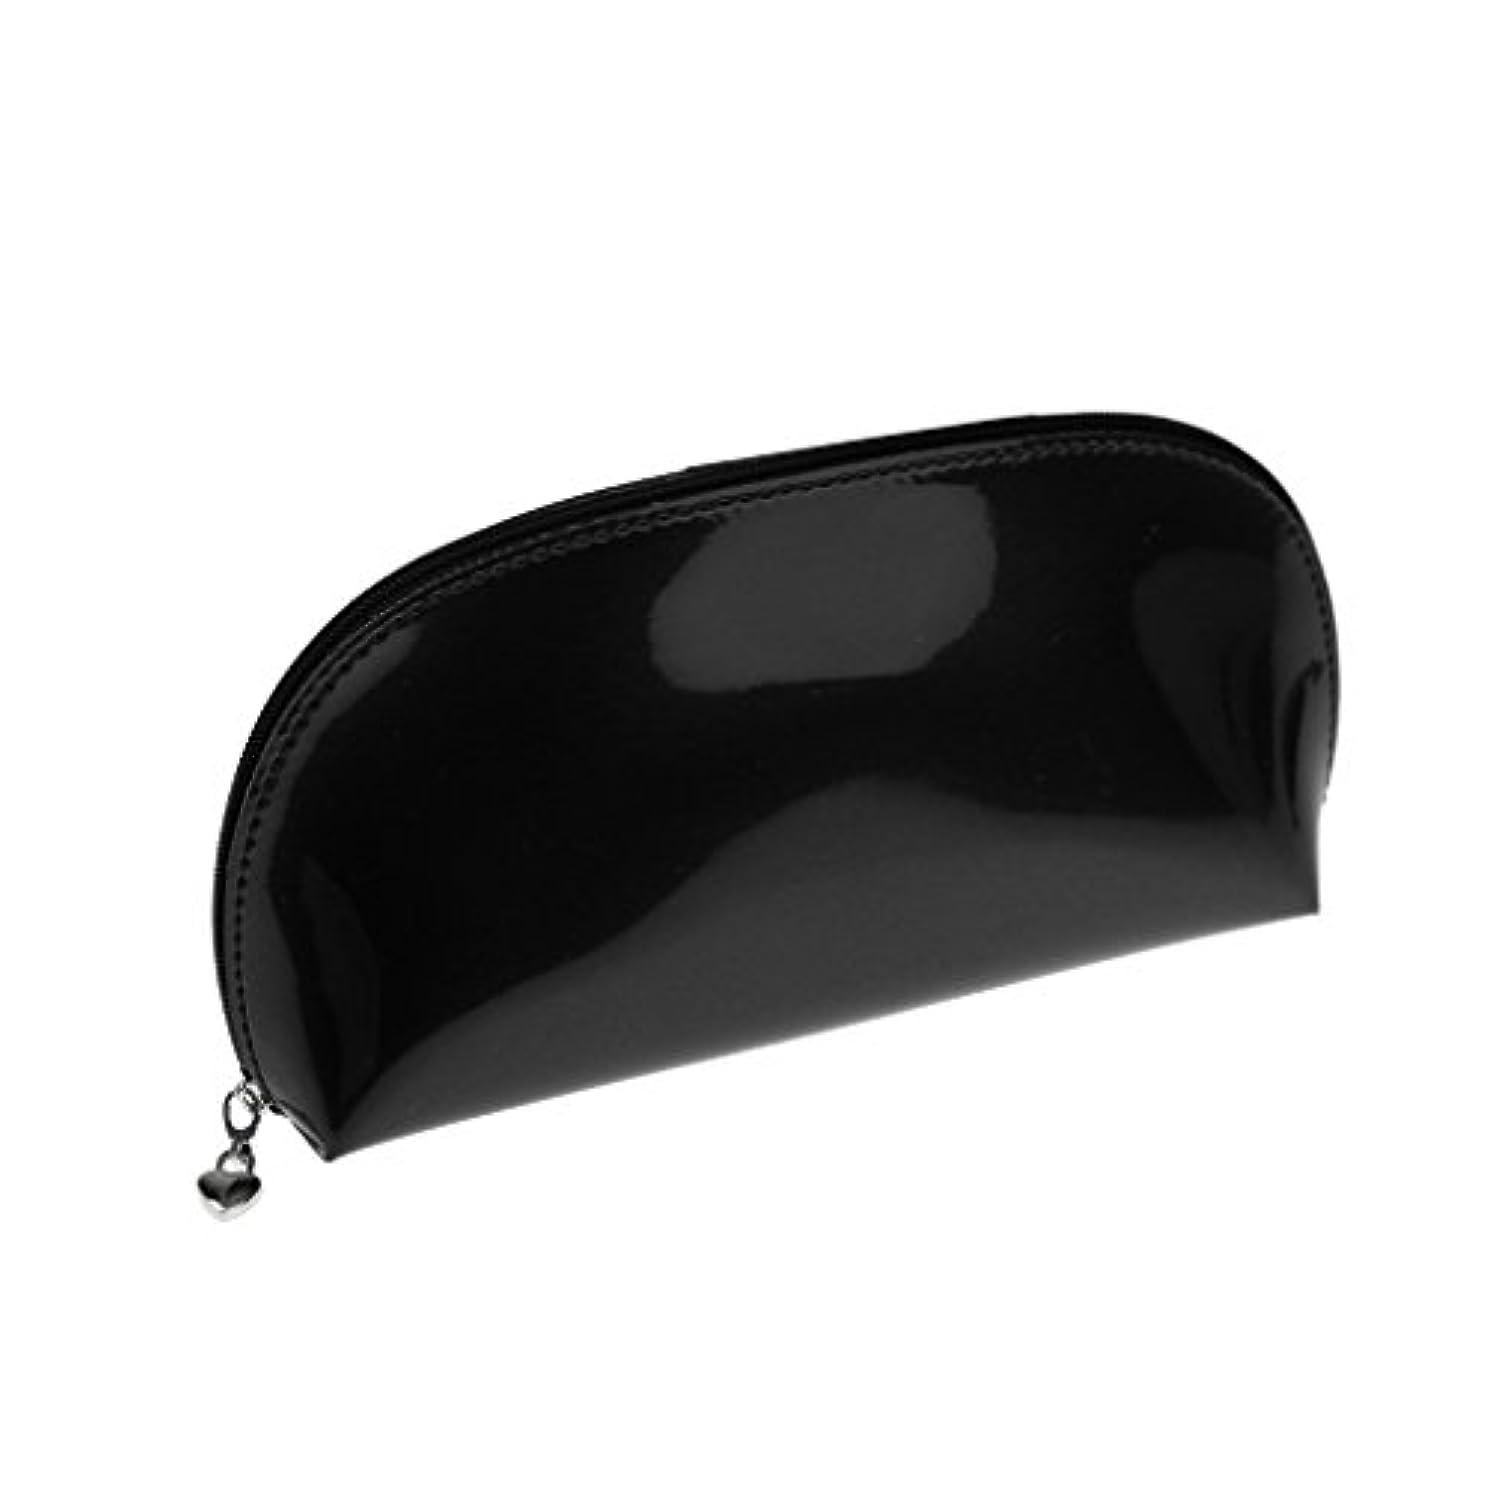 火薬原稿精神的に全2色 化粧ポーチ メイクポーチ コスメティックバッグ 化粧品収納 メイクボックス 旅行 パーティ - ブラック